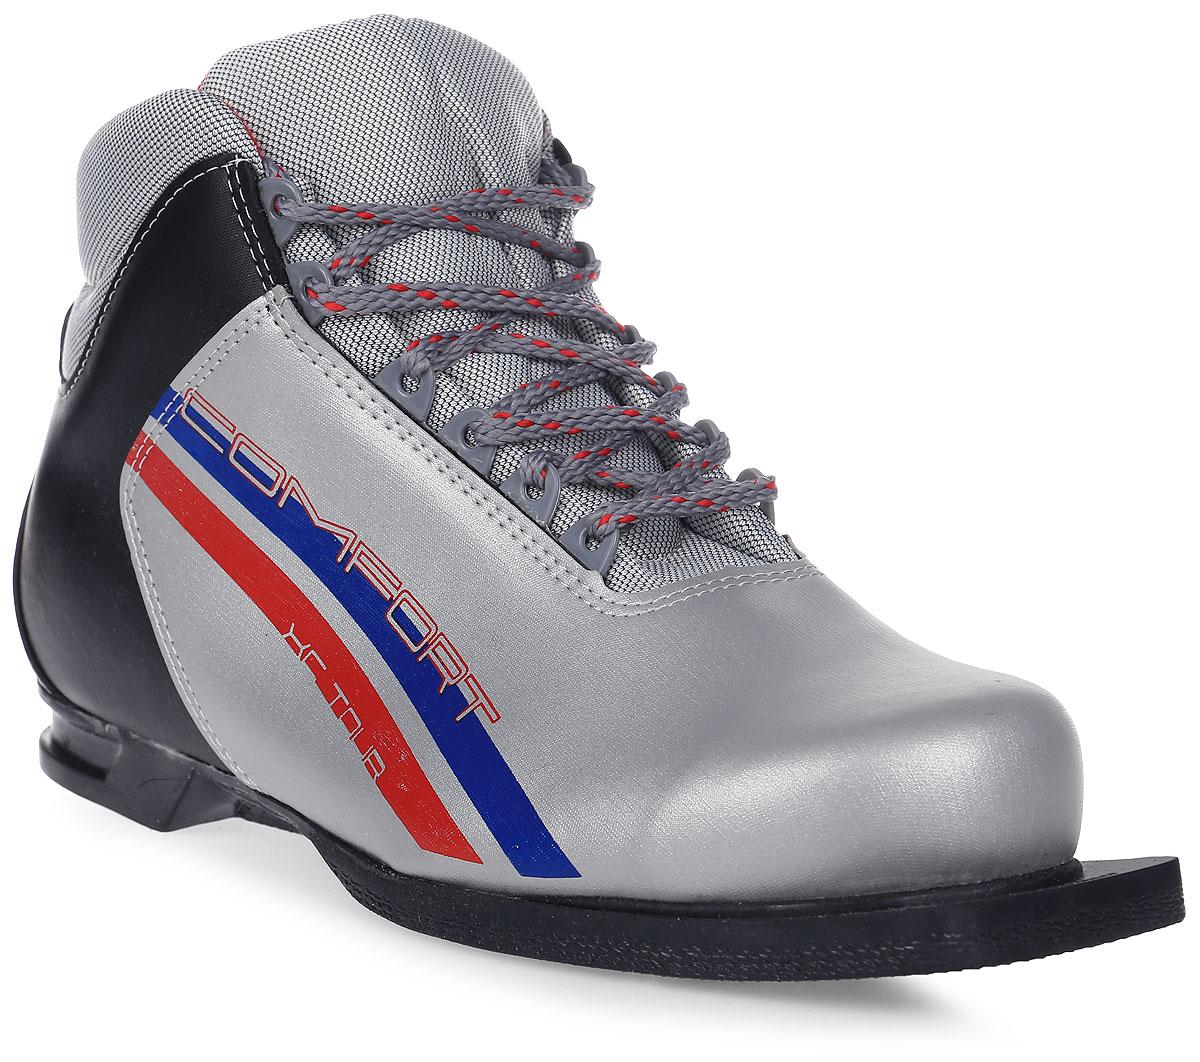 Ботинки лыжные Marax, цвет: серебристый, синий, черный. М350. Размер 45М350_серебряный, синий, красный_45Лыжные ботинки Marax предназначены для активного отдыха. Модельизготовлена из морозостойкой искусственной кожи и текстиля. Подкладка выполнена из искусственного меха и флиса, благодаря чему ваши ноги всегда будут в тепле. Шерстяная стелька комфортна при беге. Вставка на заднике обеспечивает дополнительную жесткость, позволяя дольше сохранять первоначальную форму ботинка и предотвращать натирание стопы. Ботинки снабжены шнуровкой с пластиковыми петлями и язычком-клапаном, который защищает от попадания снега и влаги. Подошва системы 75 мм из двухкомпонентной резины является надежной и весьма простой системой крепежа и позволяет безбоязненно использовать ботинокдо -25°С. В таких лыжных ботинках вам будет комфортно и уютно.